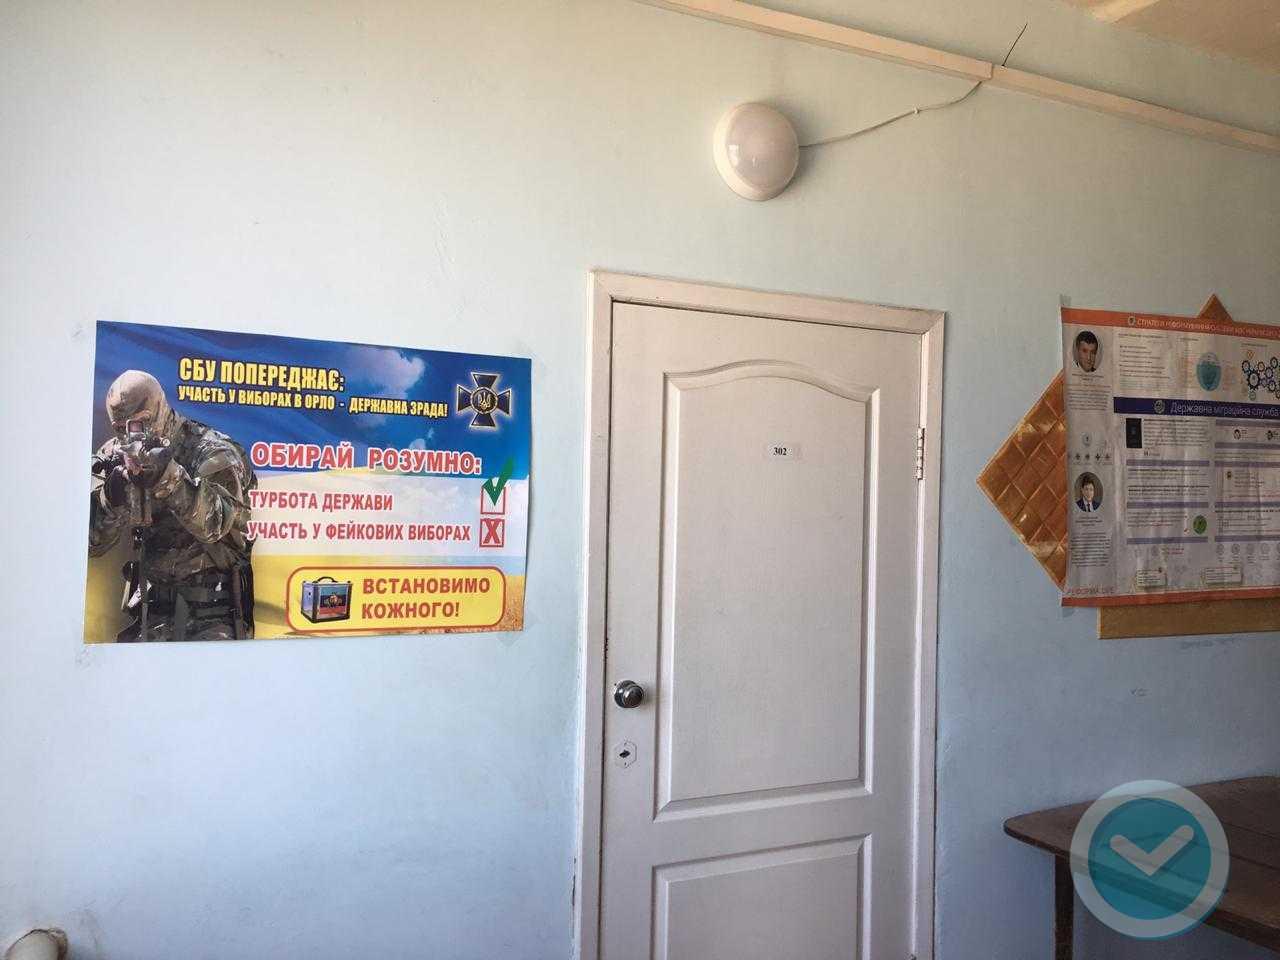 СБУ плакат